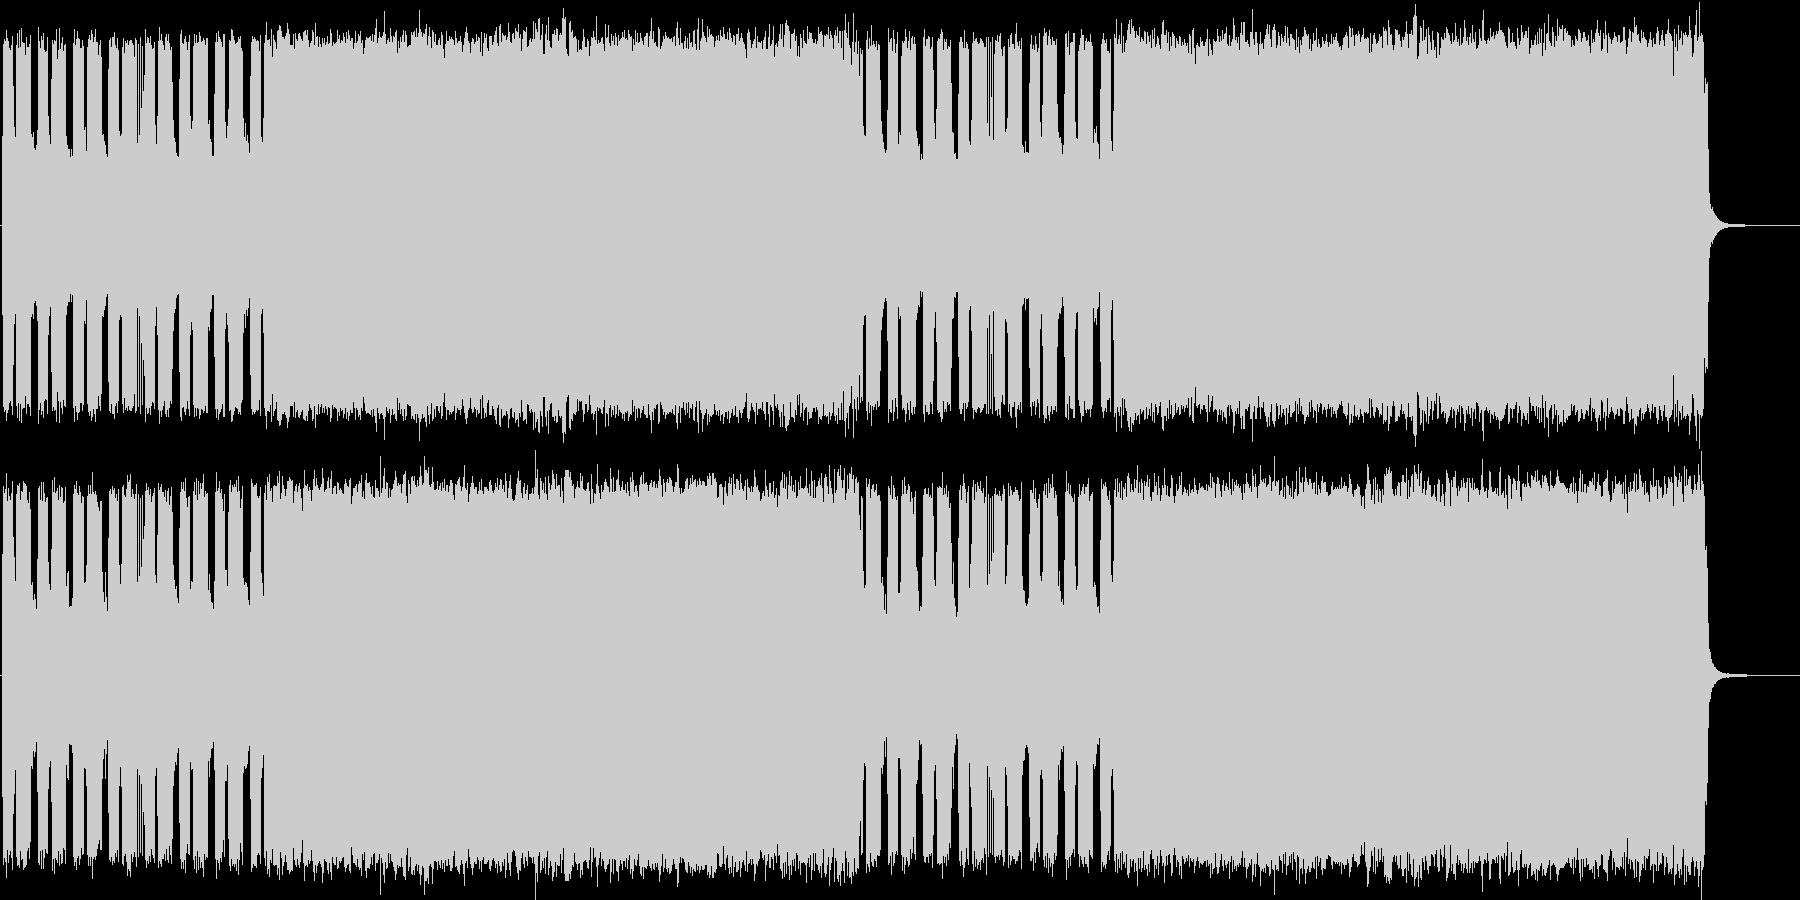 ヘヴィメタル風ギターインストBGMの未再生の波形